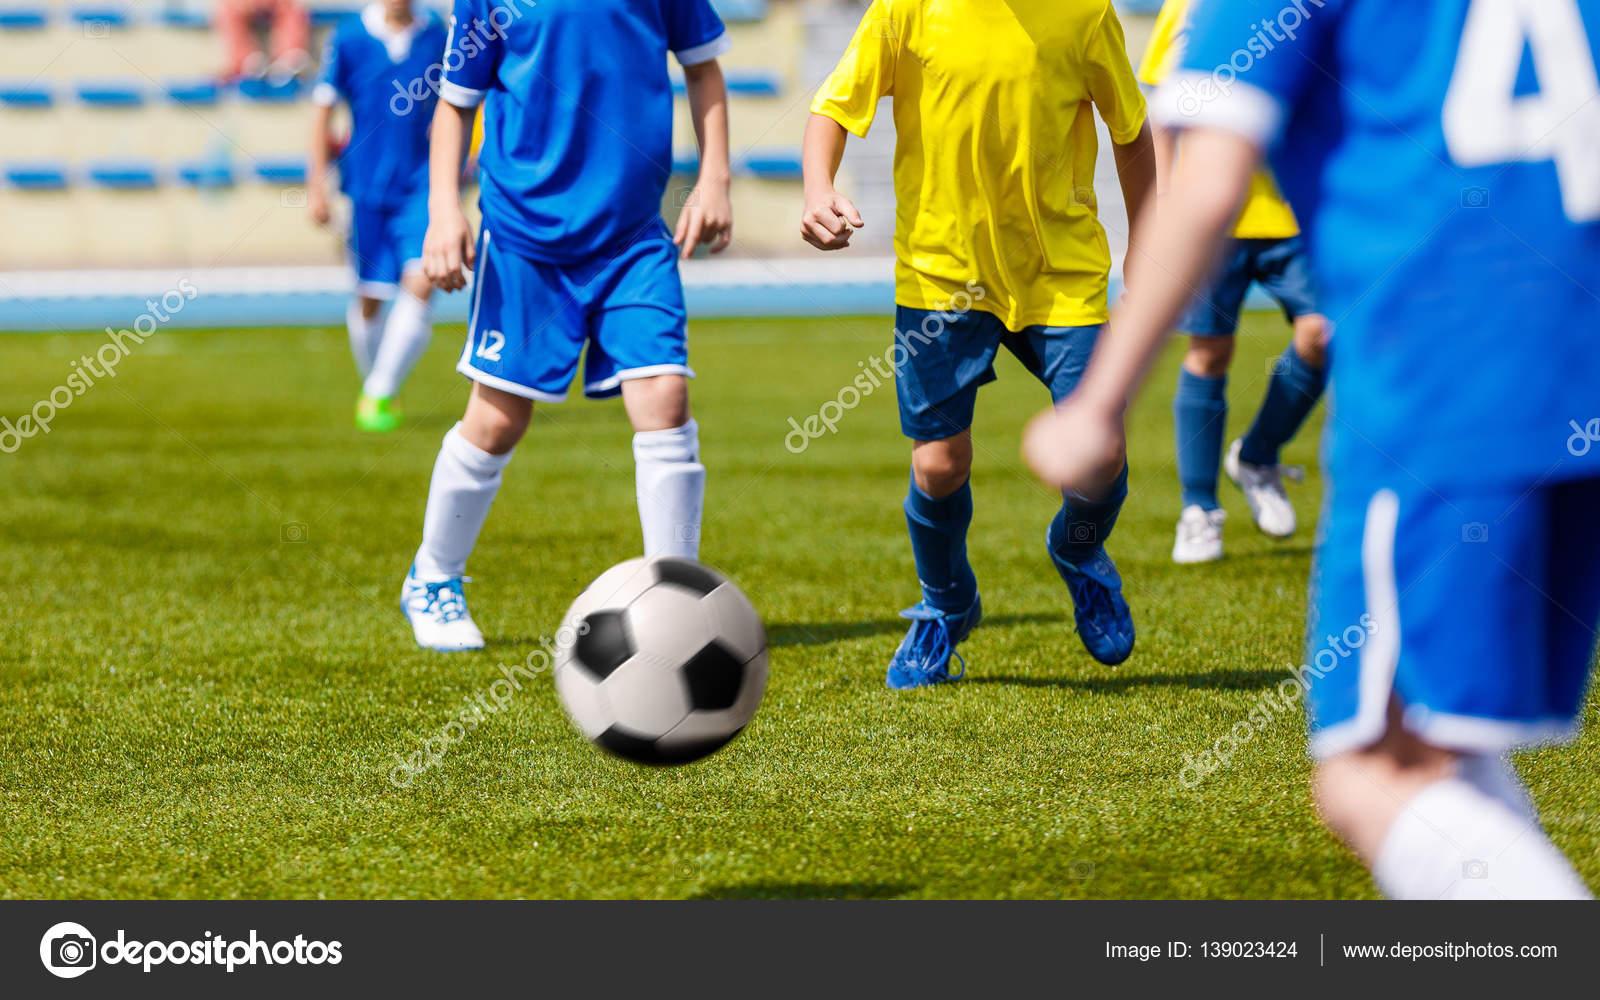 d11faf7b8c5b1 Fútbol partido de fútbol. Niños jugando al fútbol. Chicos pateando la  pelota de futbol en el campo de deportes. Niños jugando el juego de torneo  de futbol ...